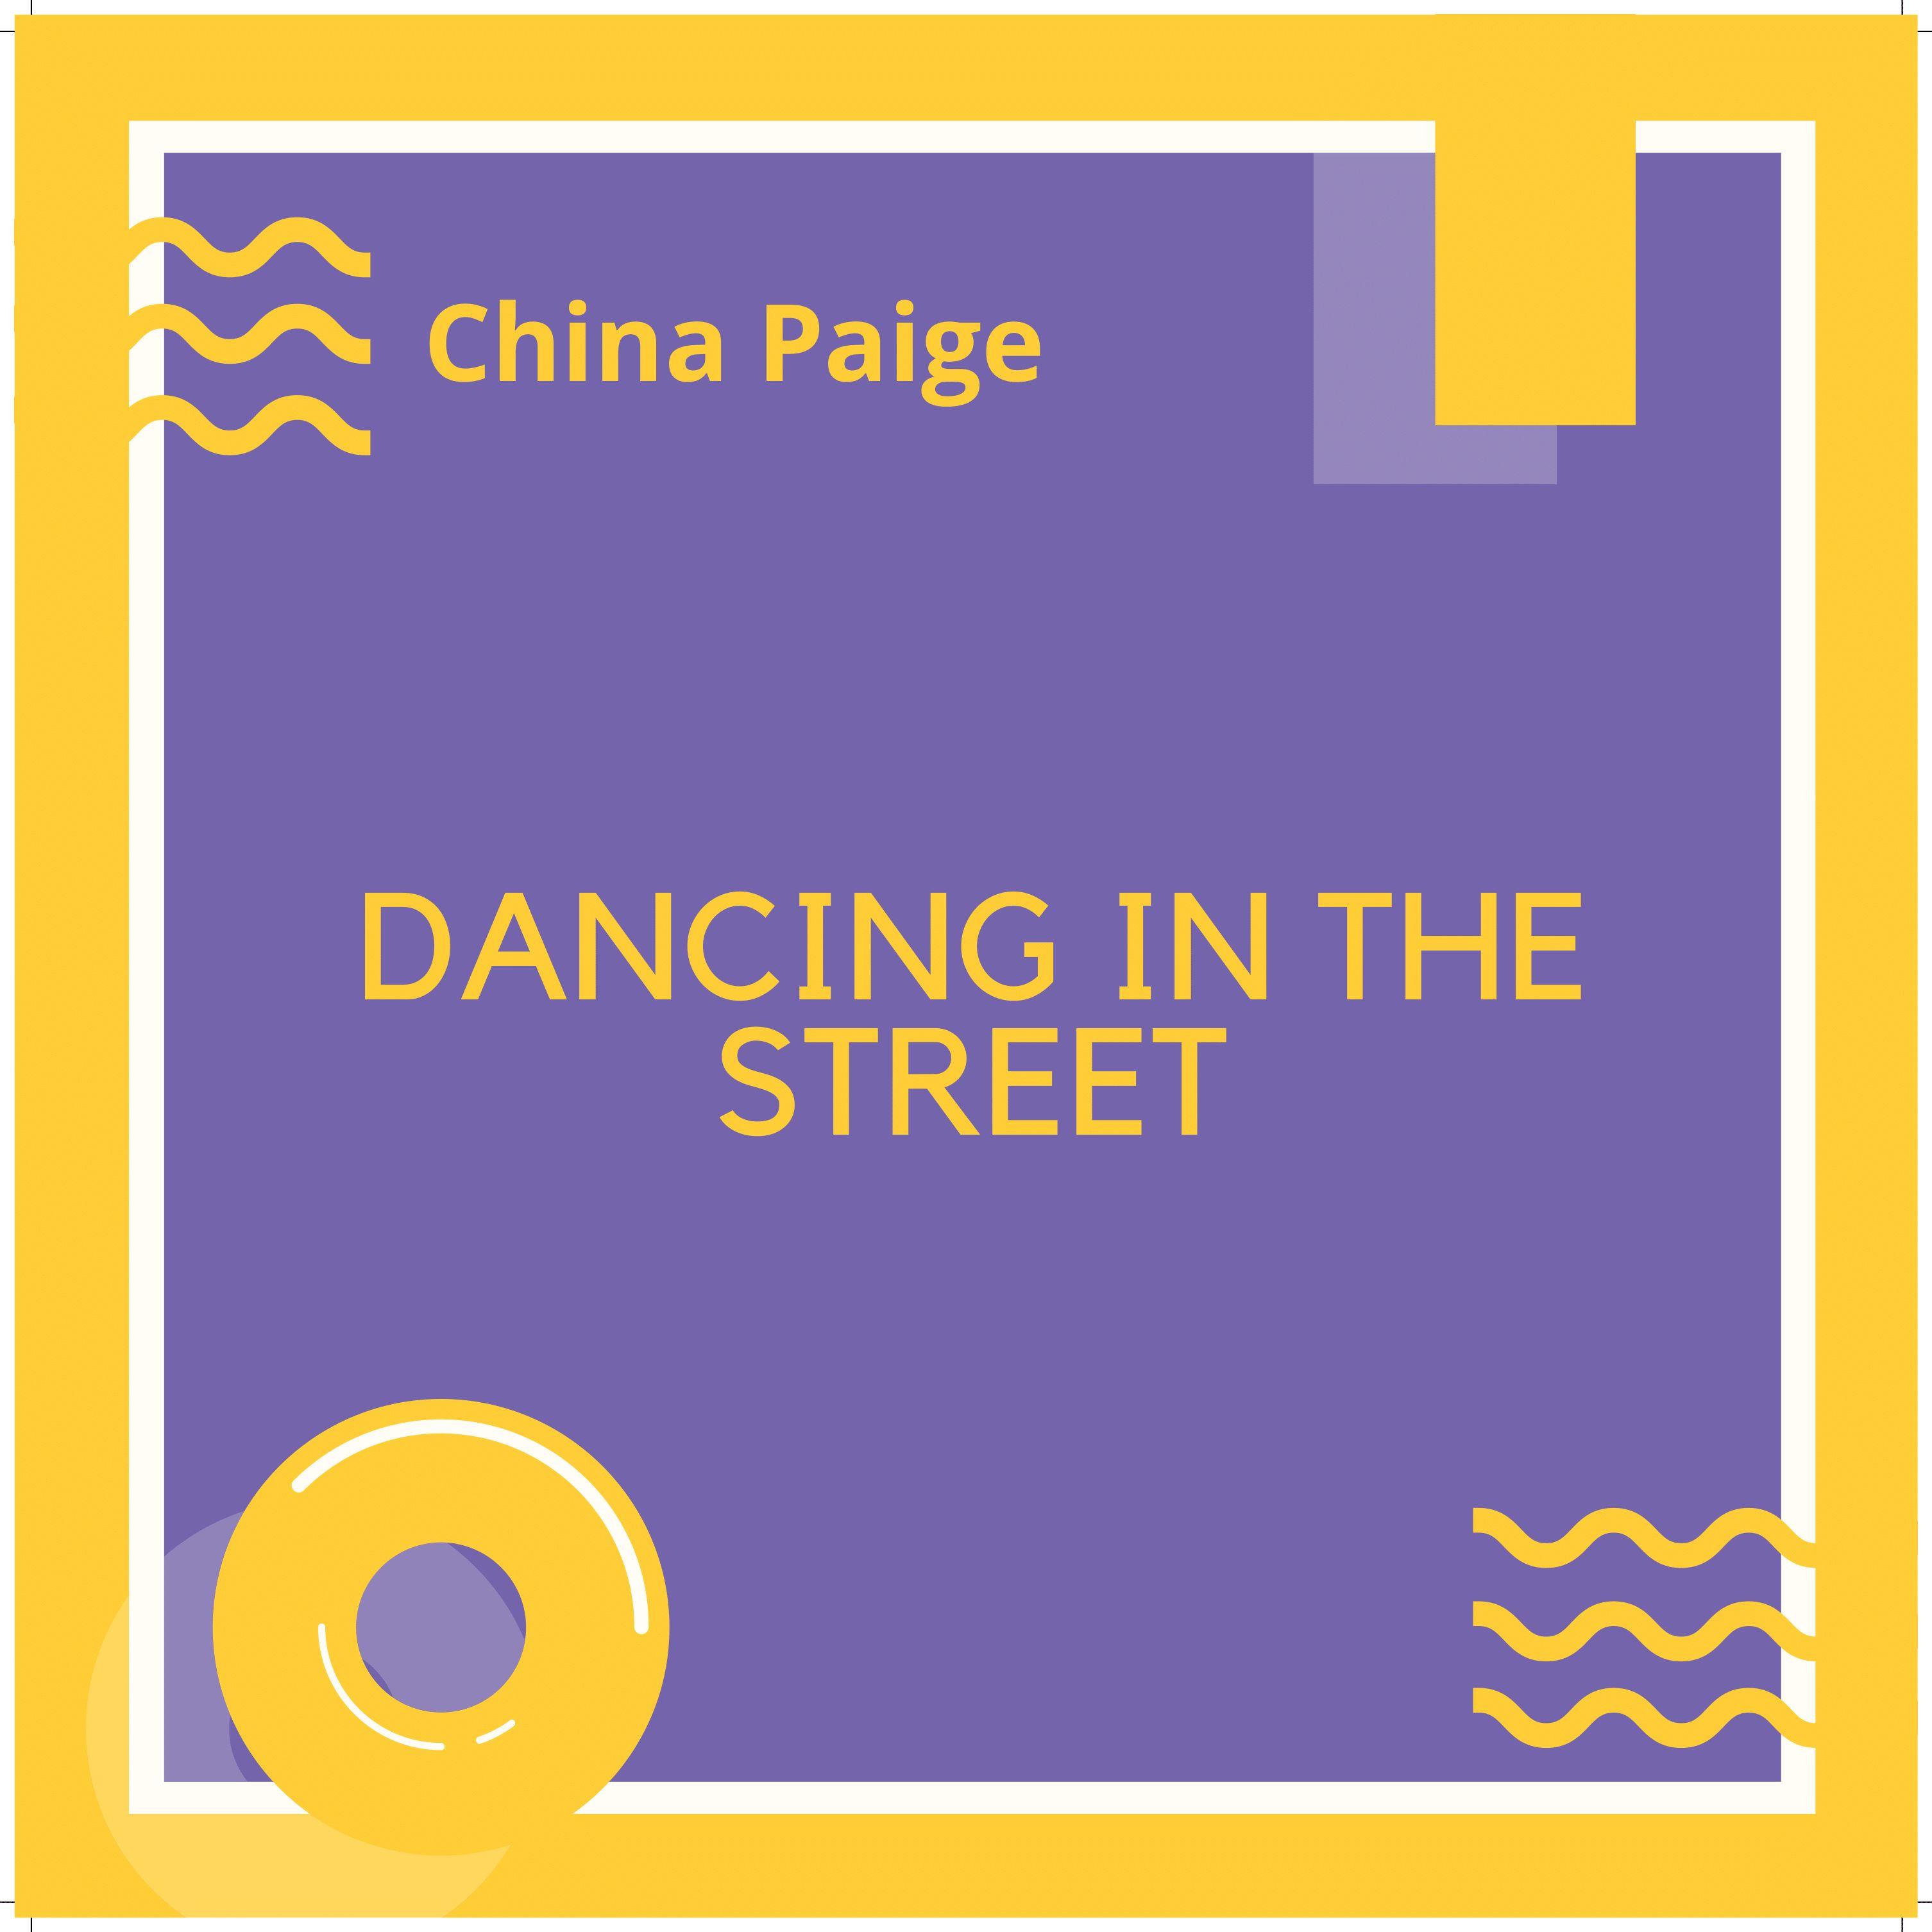 China Paige